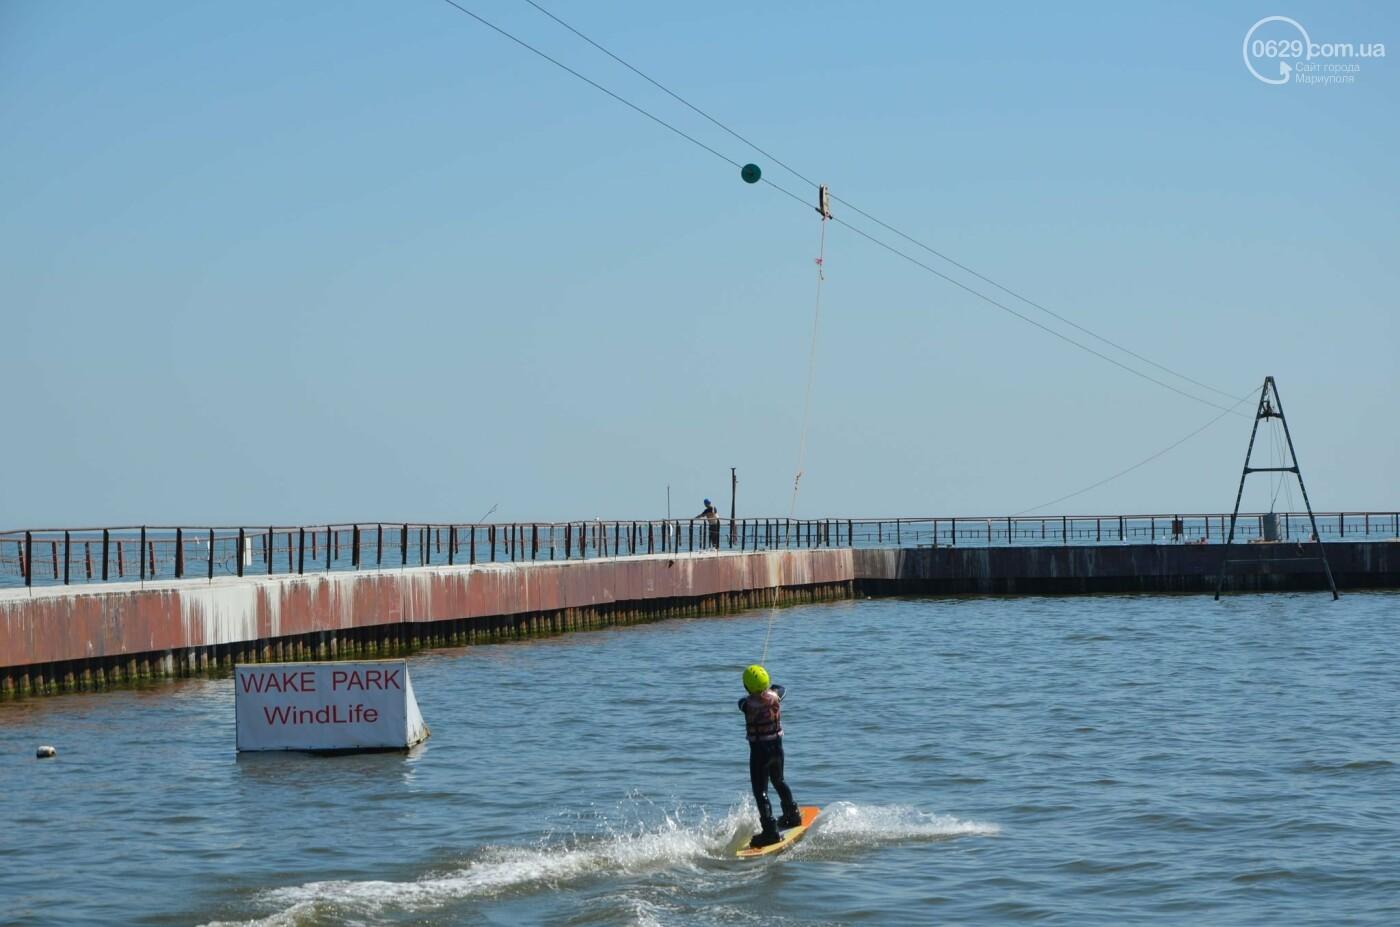 Полеты над водой. Как вейк-парк в Мариуполе стал заменой тренажерного зала, - ФОТО, фото-3